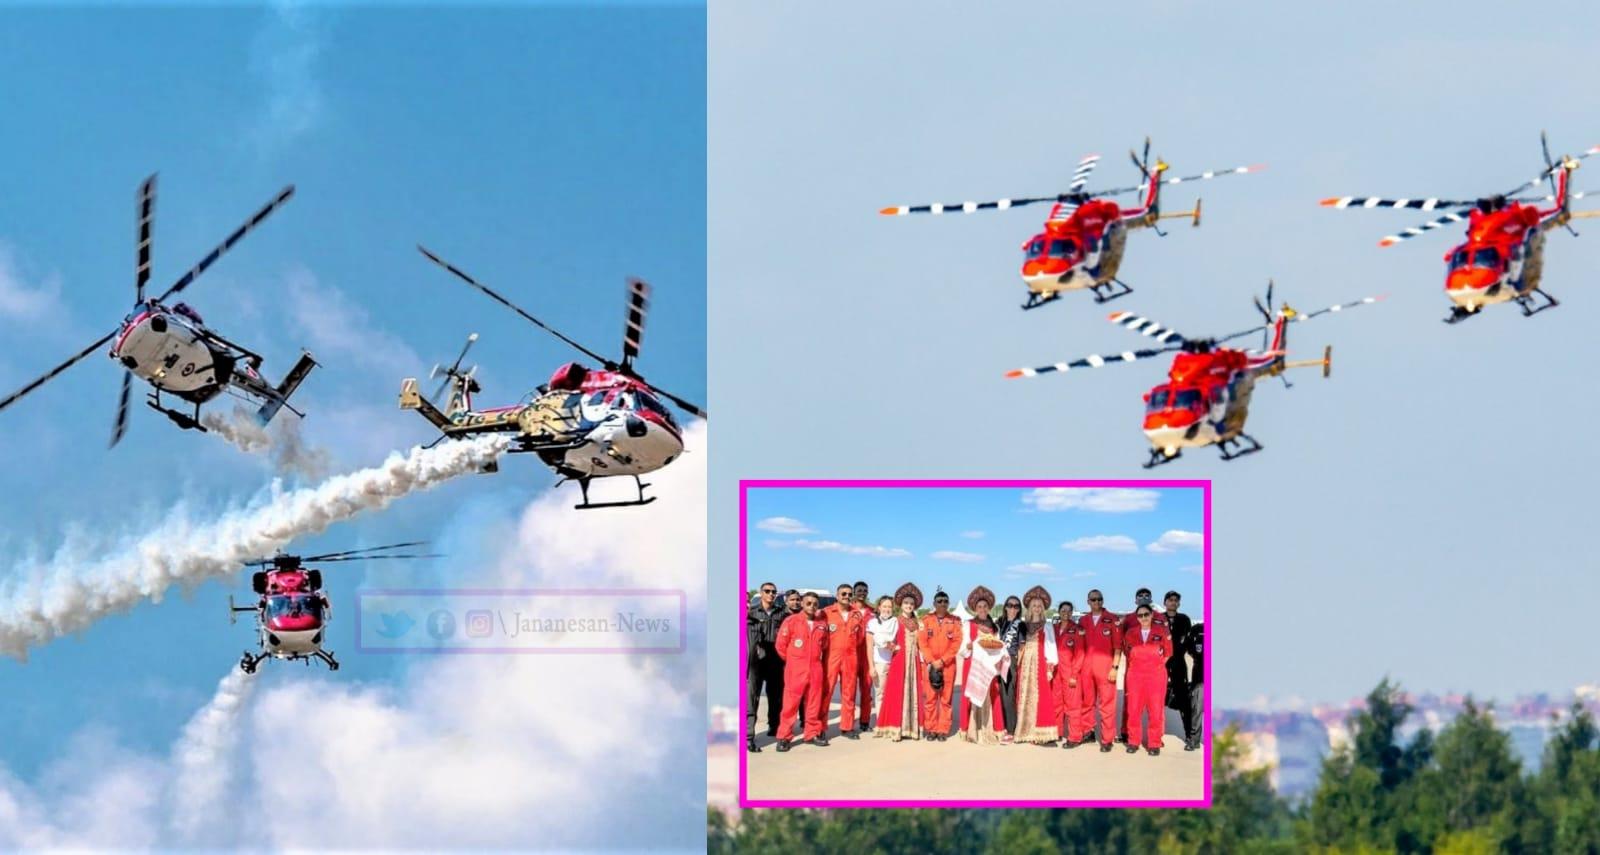 ரஷ்யாவின் மேக்ஸ் சர்வதேச விமானக் கண்காட்சி : முதல்முறையாக இந்திய விமானப்படையின் சாரங் ஹெலிகாப்டர் சாகசக் குழு பங்கேற்பு